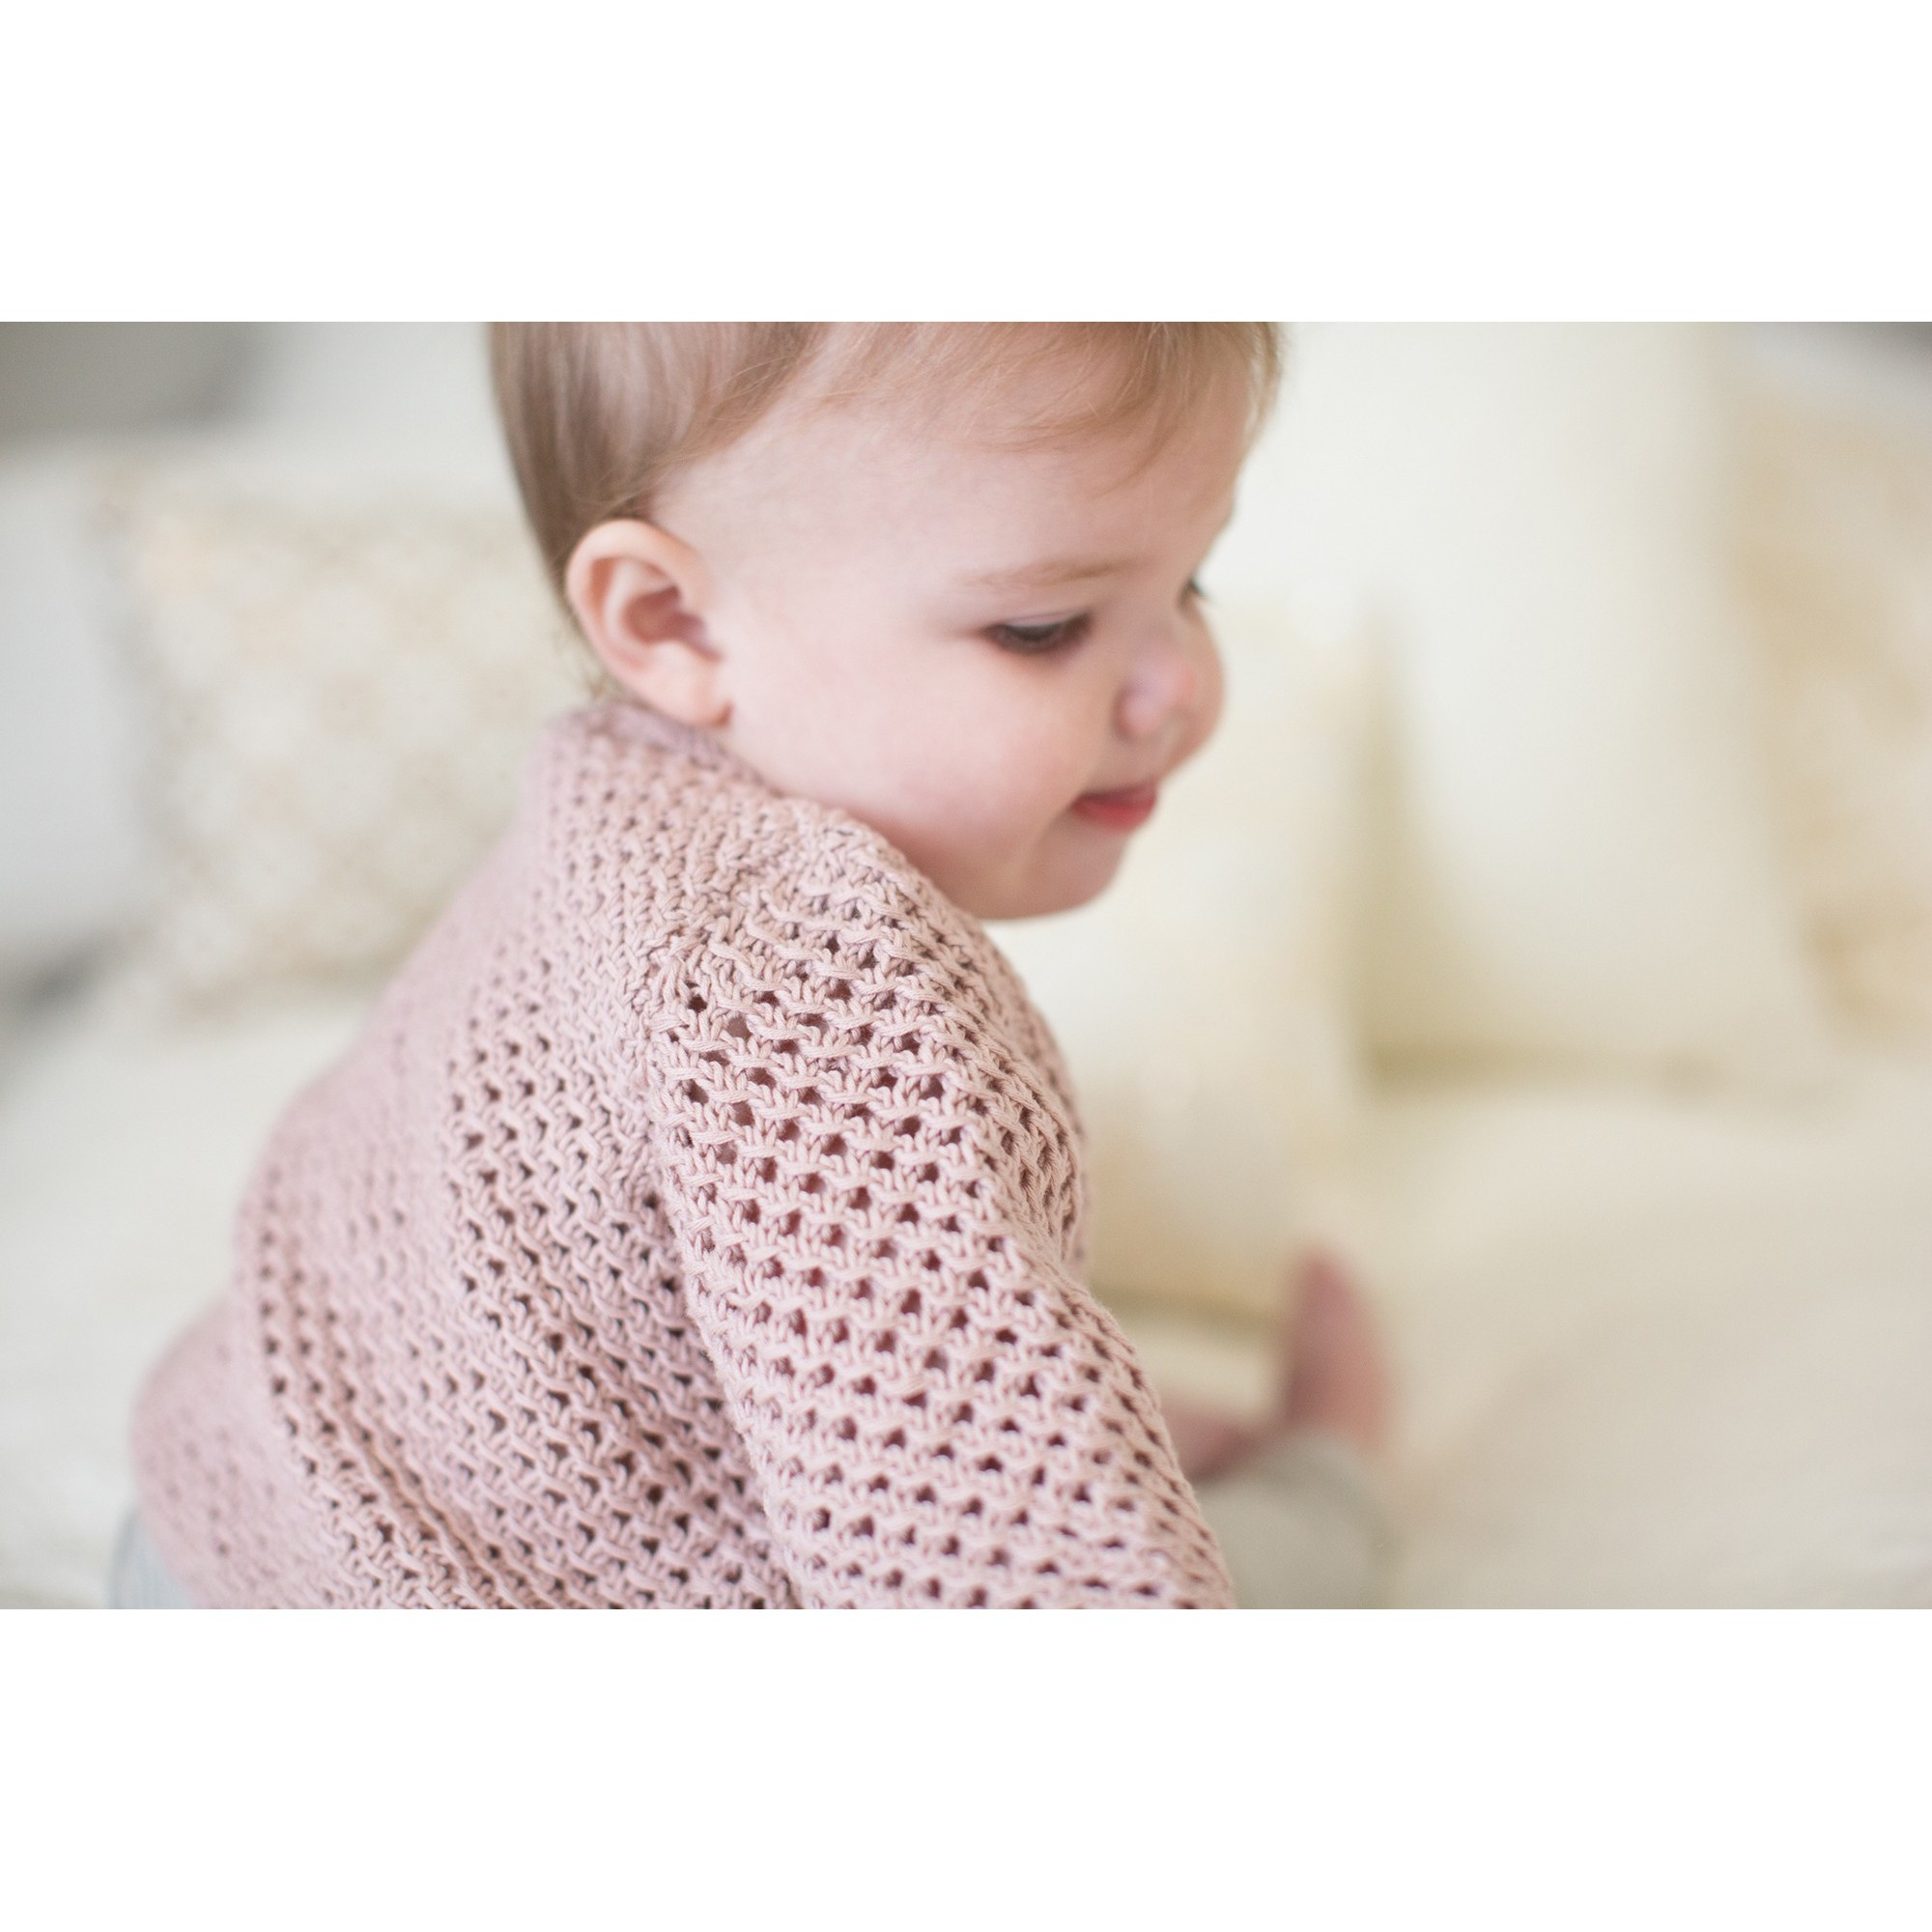 Gilet Joséphine pour enfant - coloris rose opaline - en coton  - porté